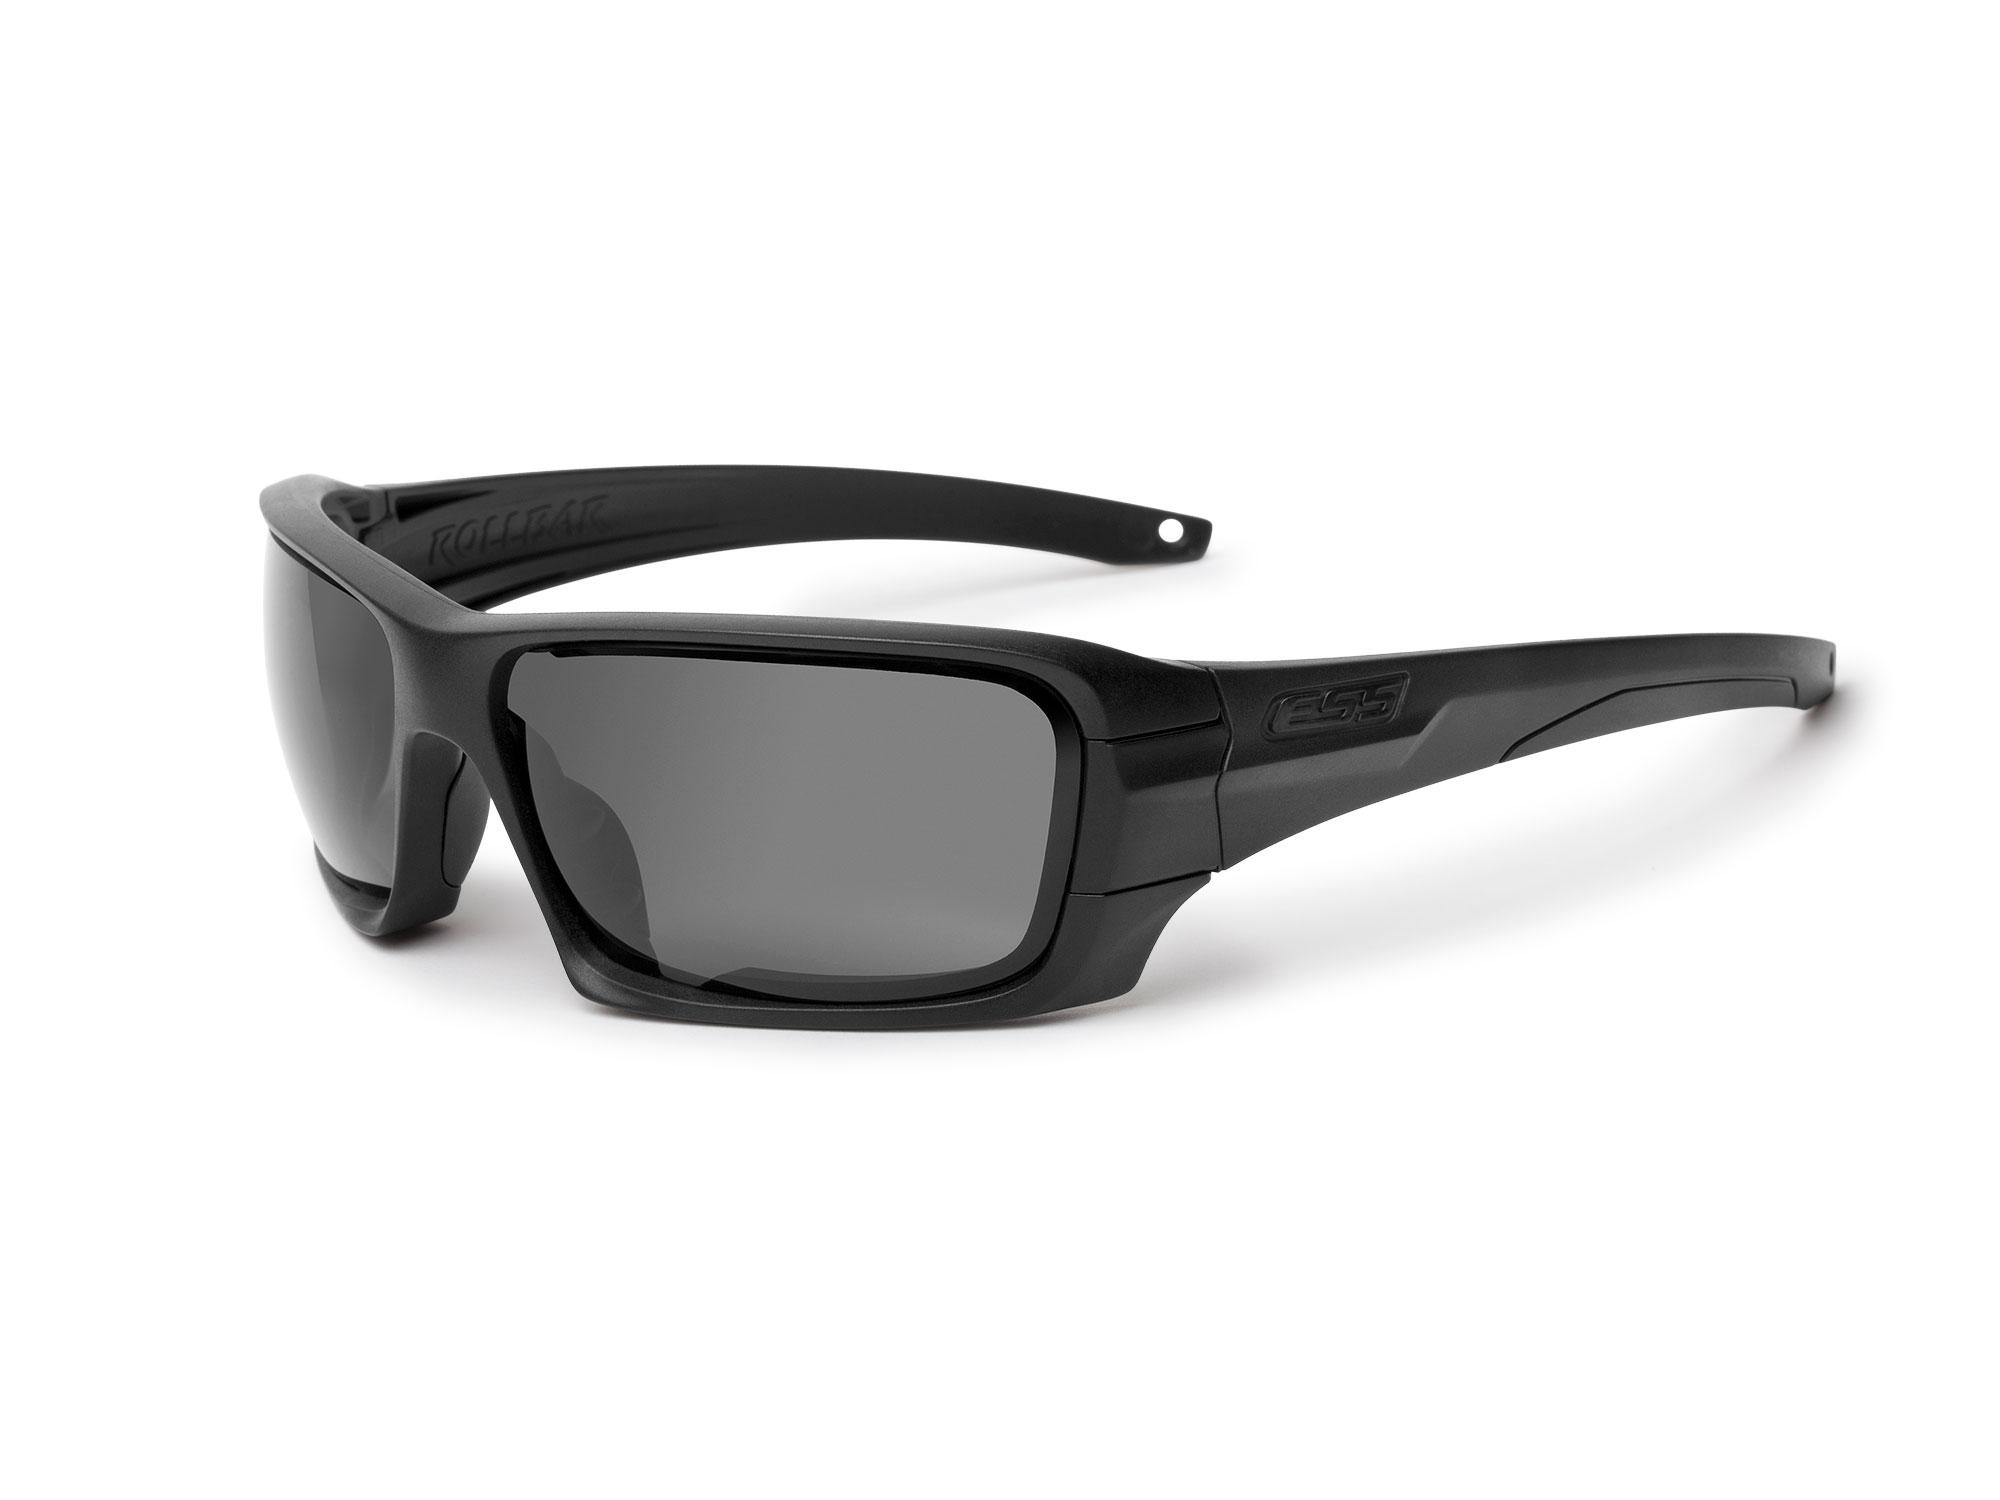 EE9018-02 フレーム:ブラック、レンズ:クリアー、スモークグレイ / ブラックLOGO